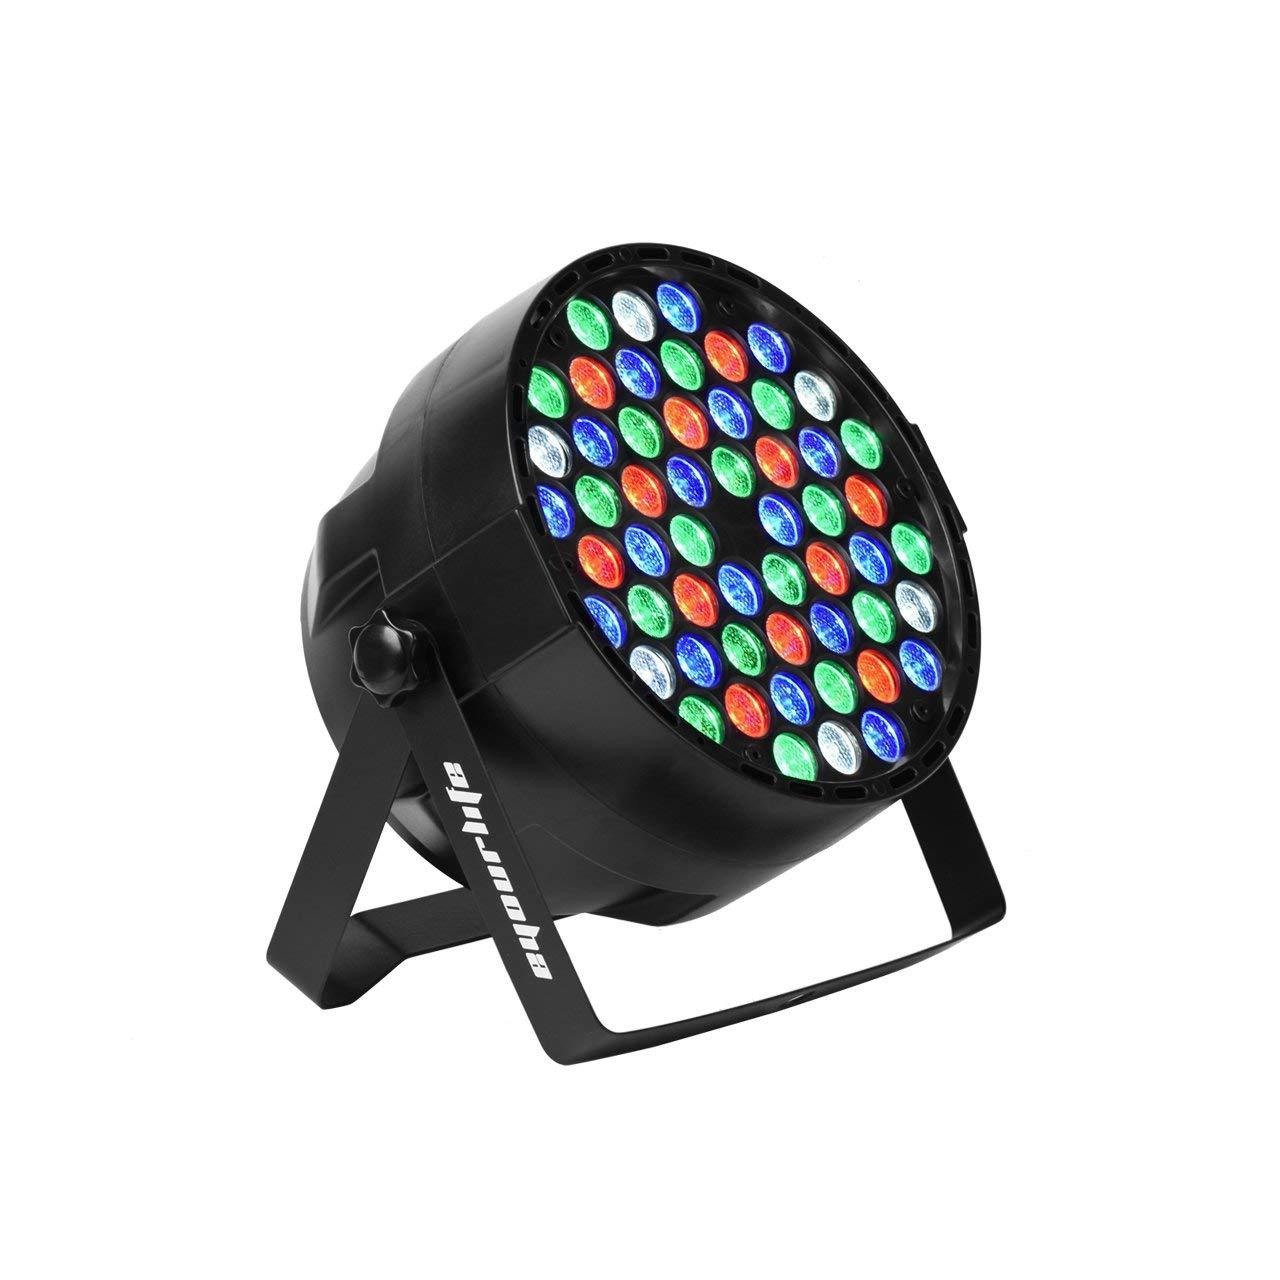 舞台灯 LED 舞台灯光 RGB LEDステージライト舞台照明 パーライトコントローラのステージサウンド 活性化パーライトパーティーディスコ照明 36X3W   B07SG8JP8R